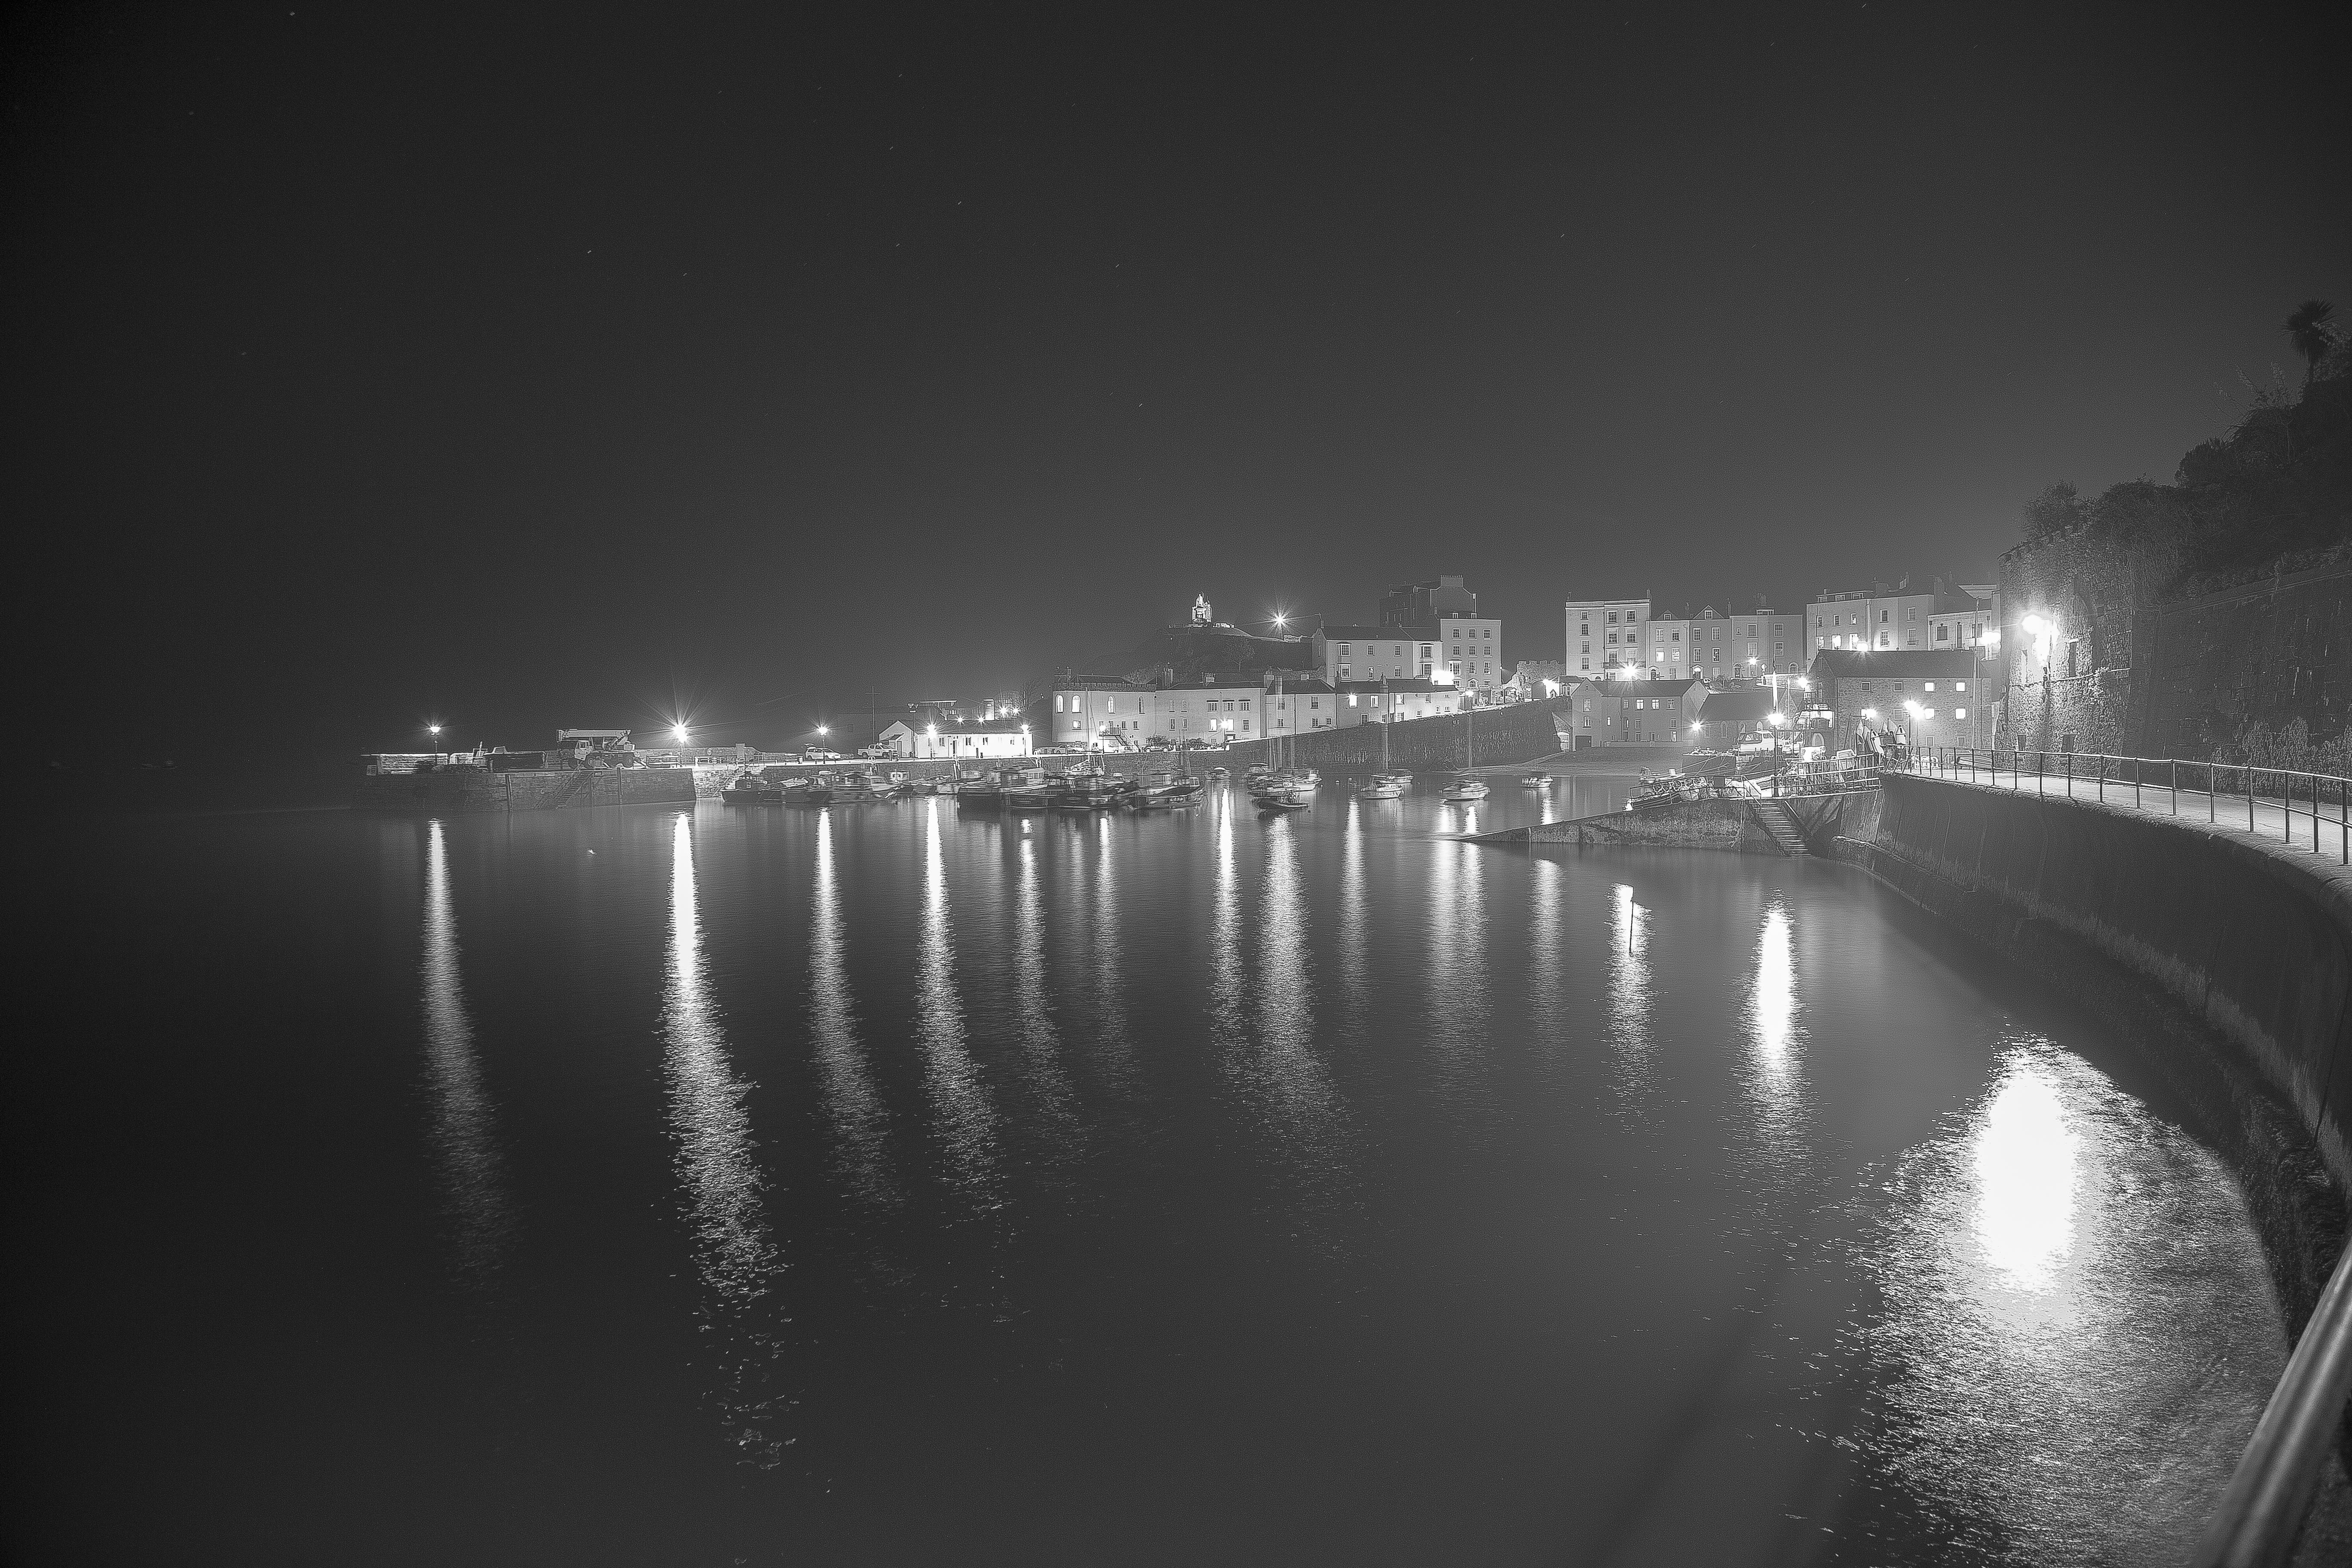 Tenby at night